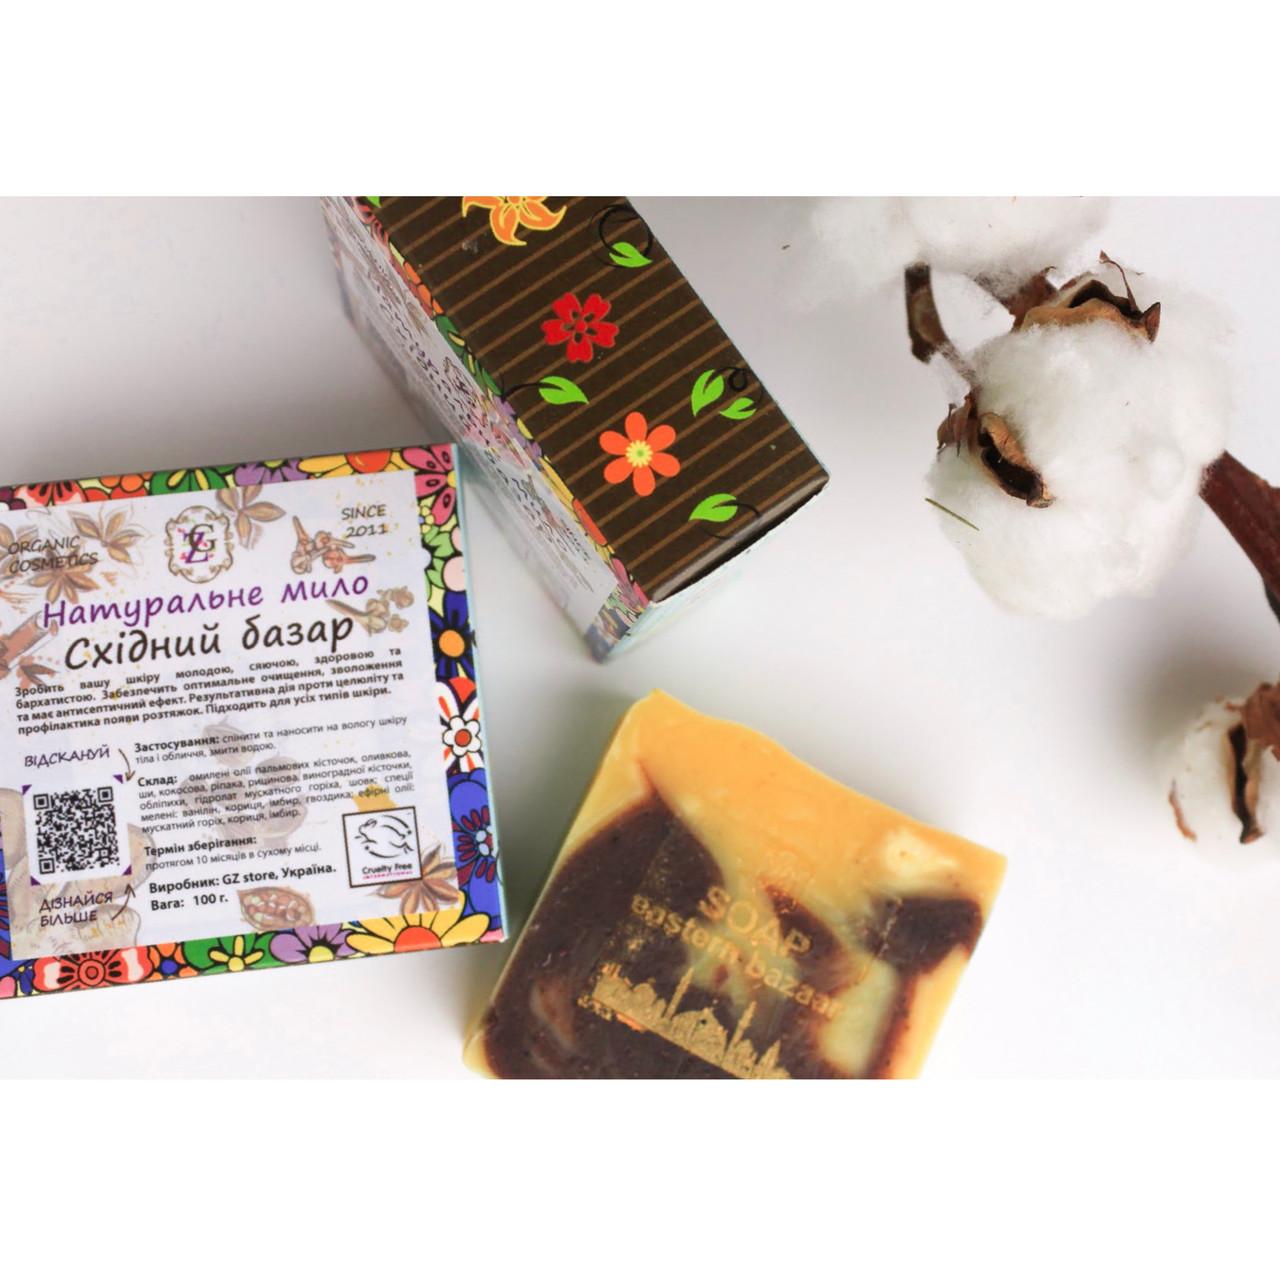 Мыло-скраб со специями с хорошим восточным ароматом - 500 грамм(5 шт в упаковке) - натуральное, ручной работы